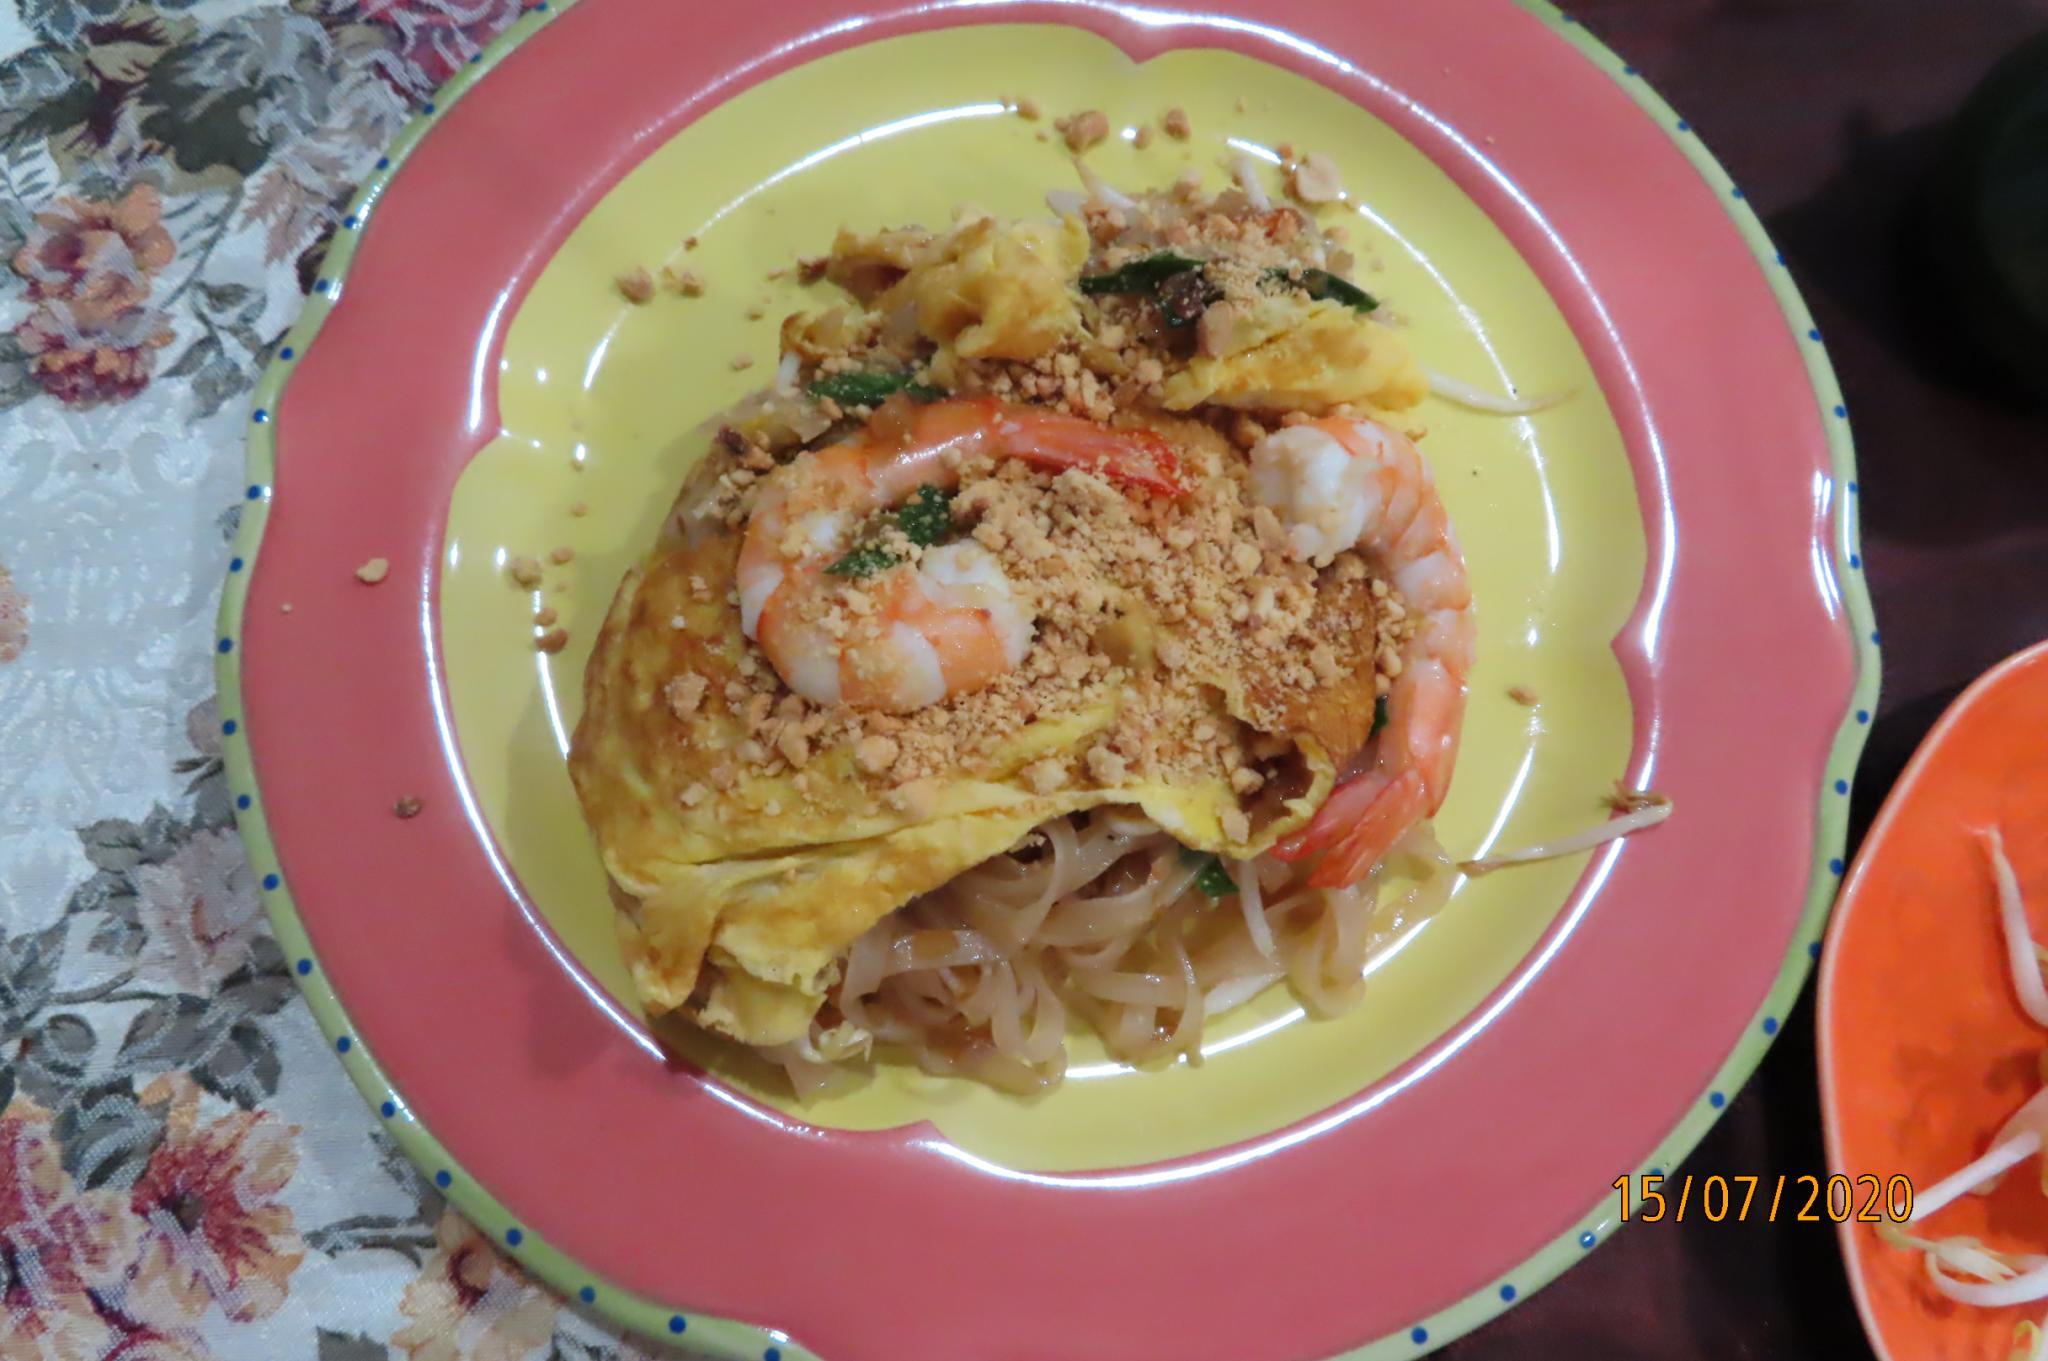 Dinner-img_7542-jpg